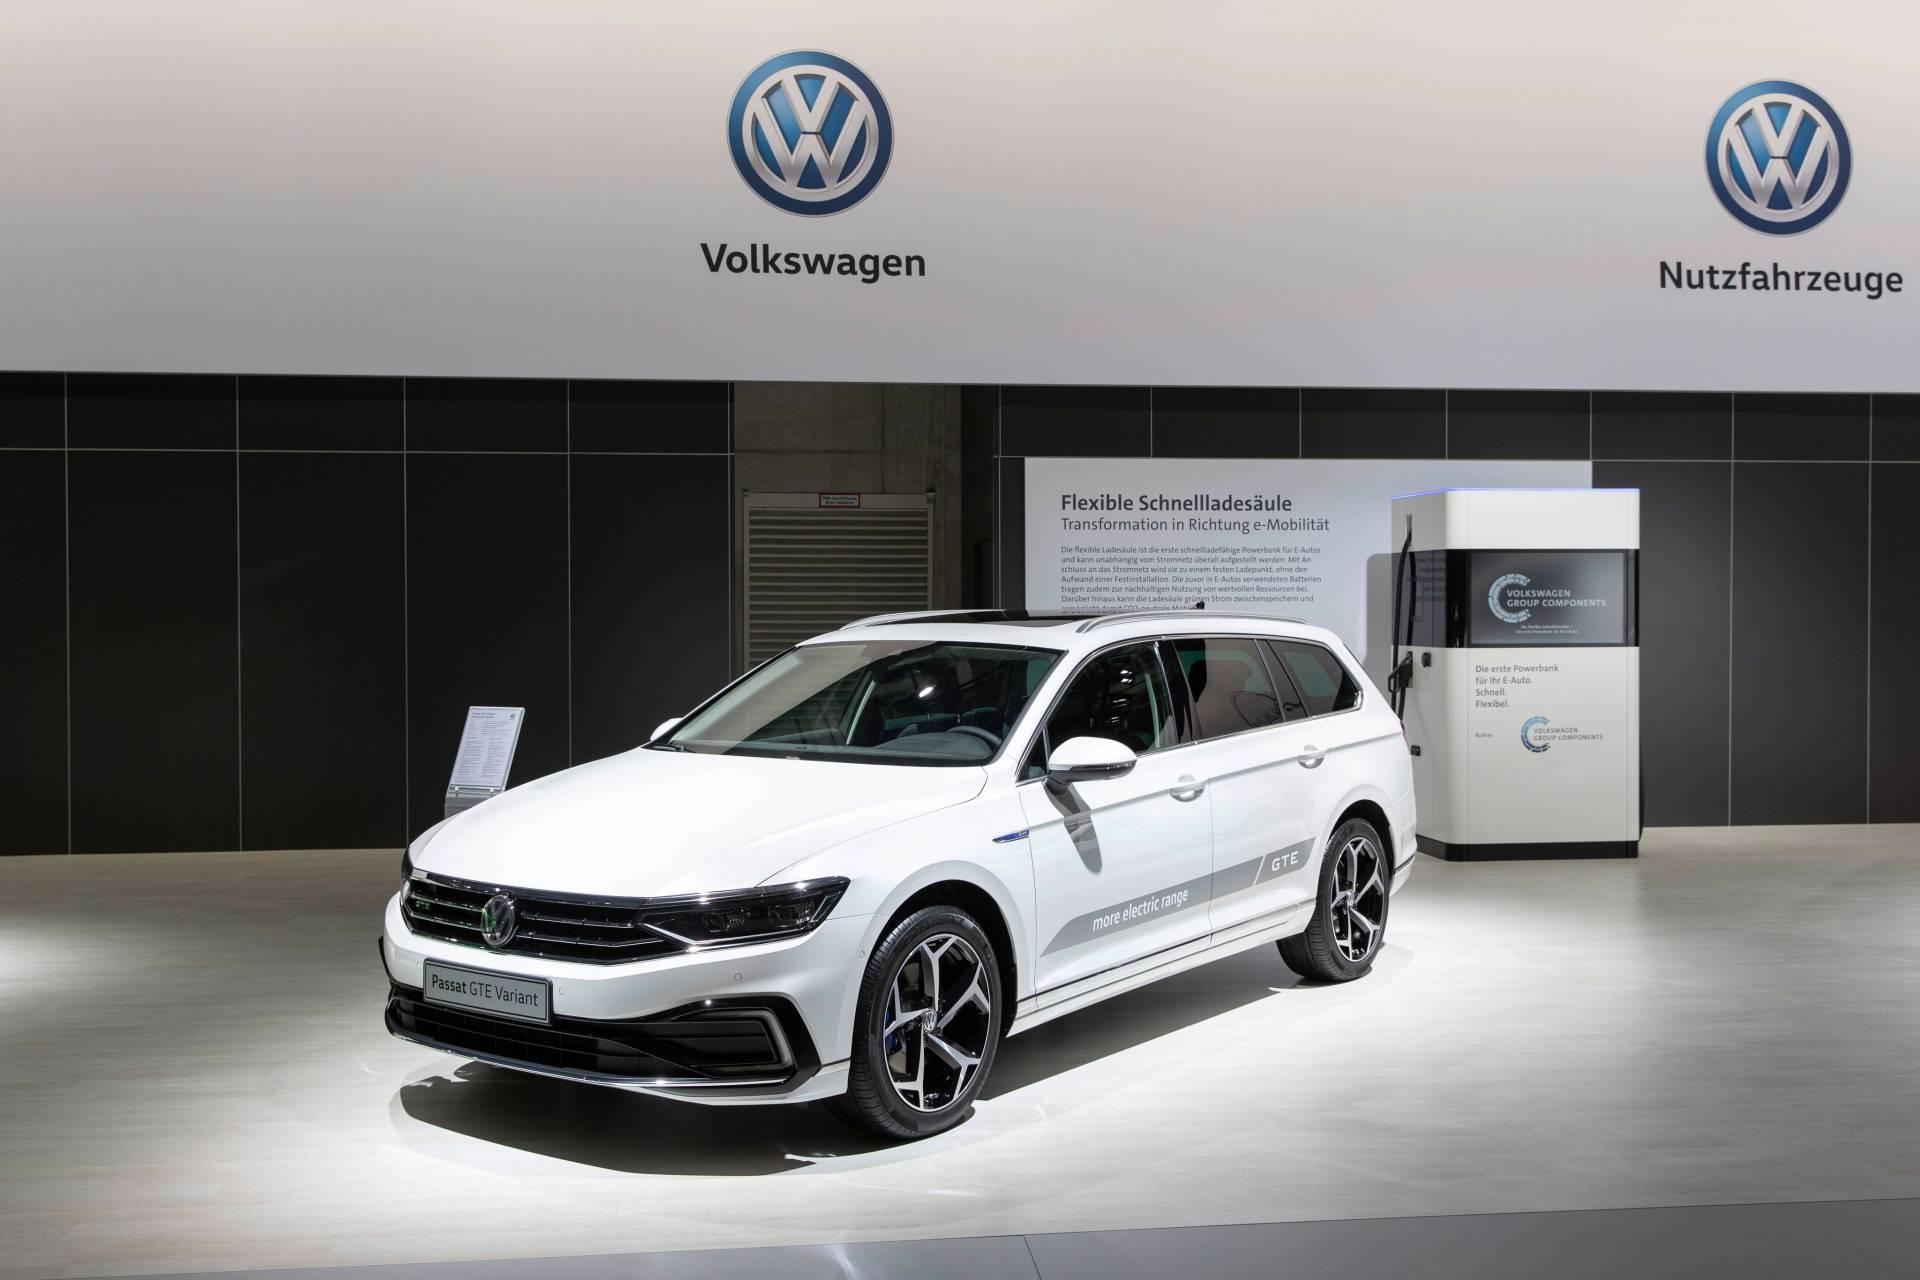 2020 Vw Passat Pre Sales Begin In Europe Prices Announced Carscoops Vw Passat Volkswagen Europe